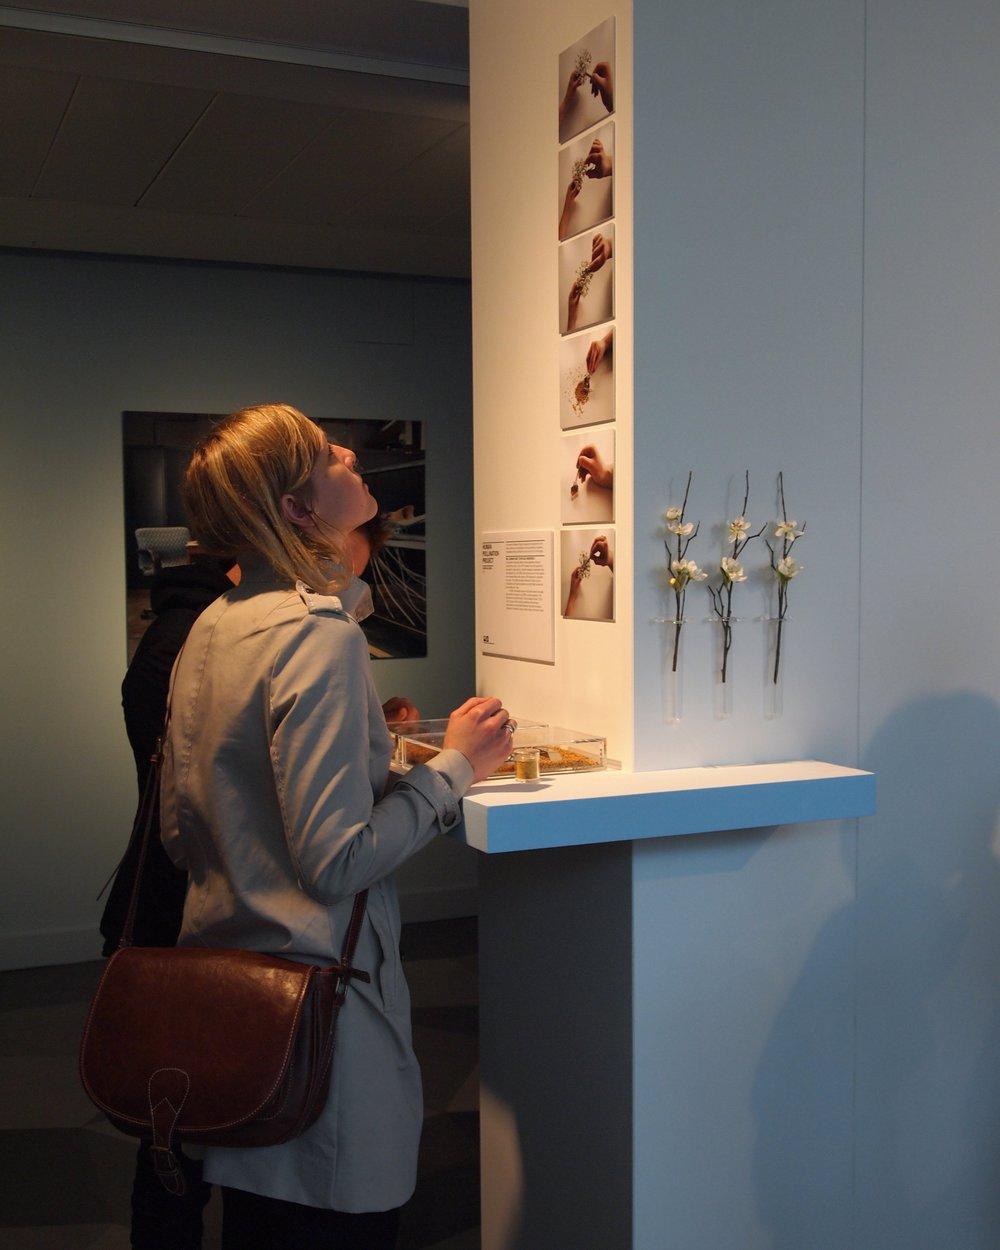 Science_Gallery_Dublin_2011.jpg